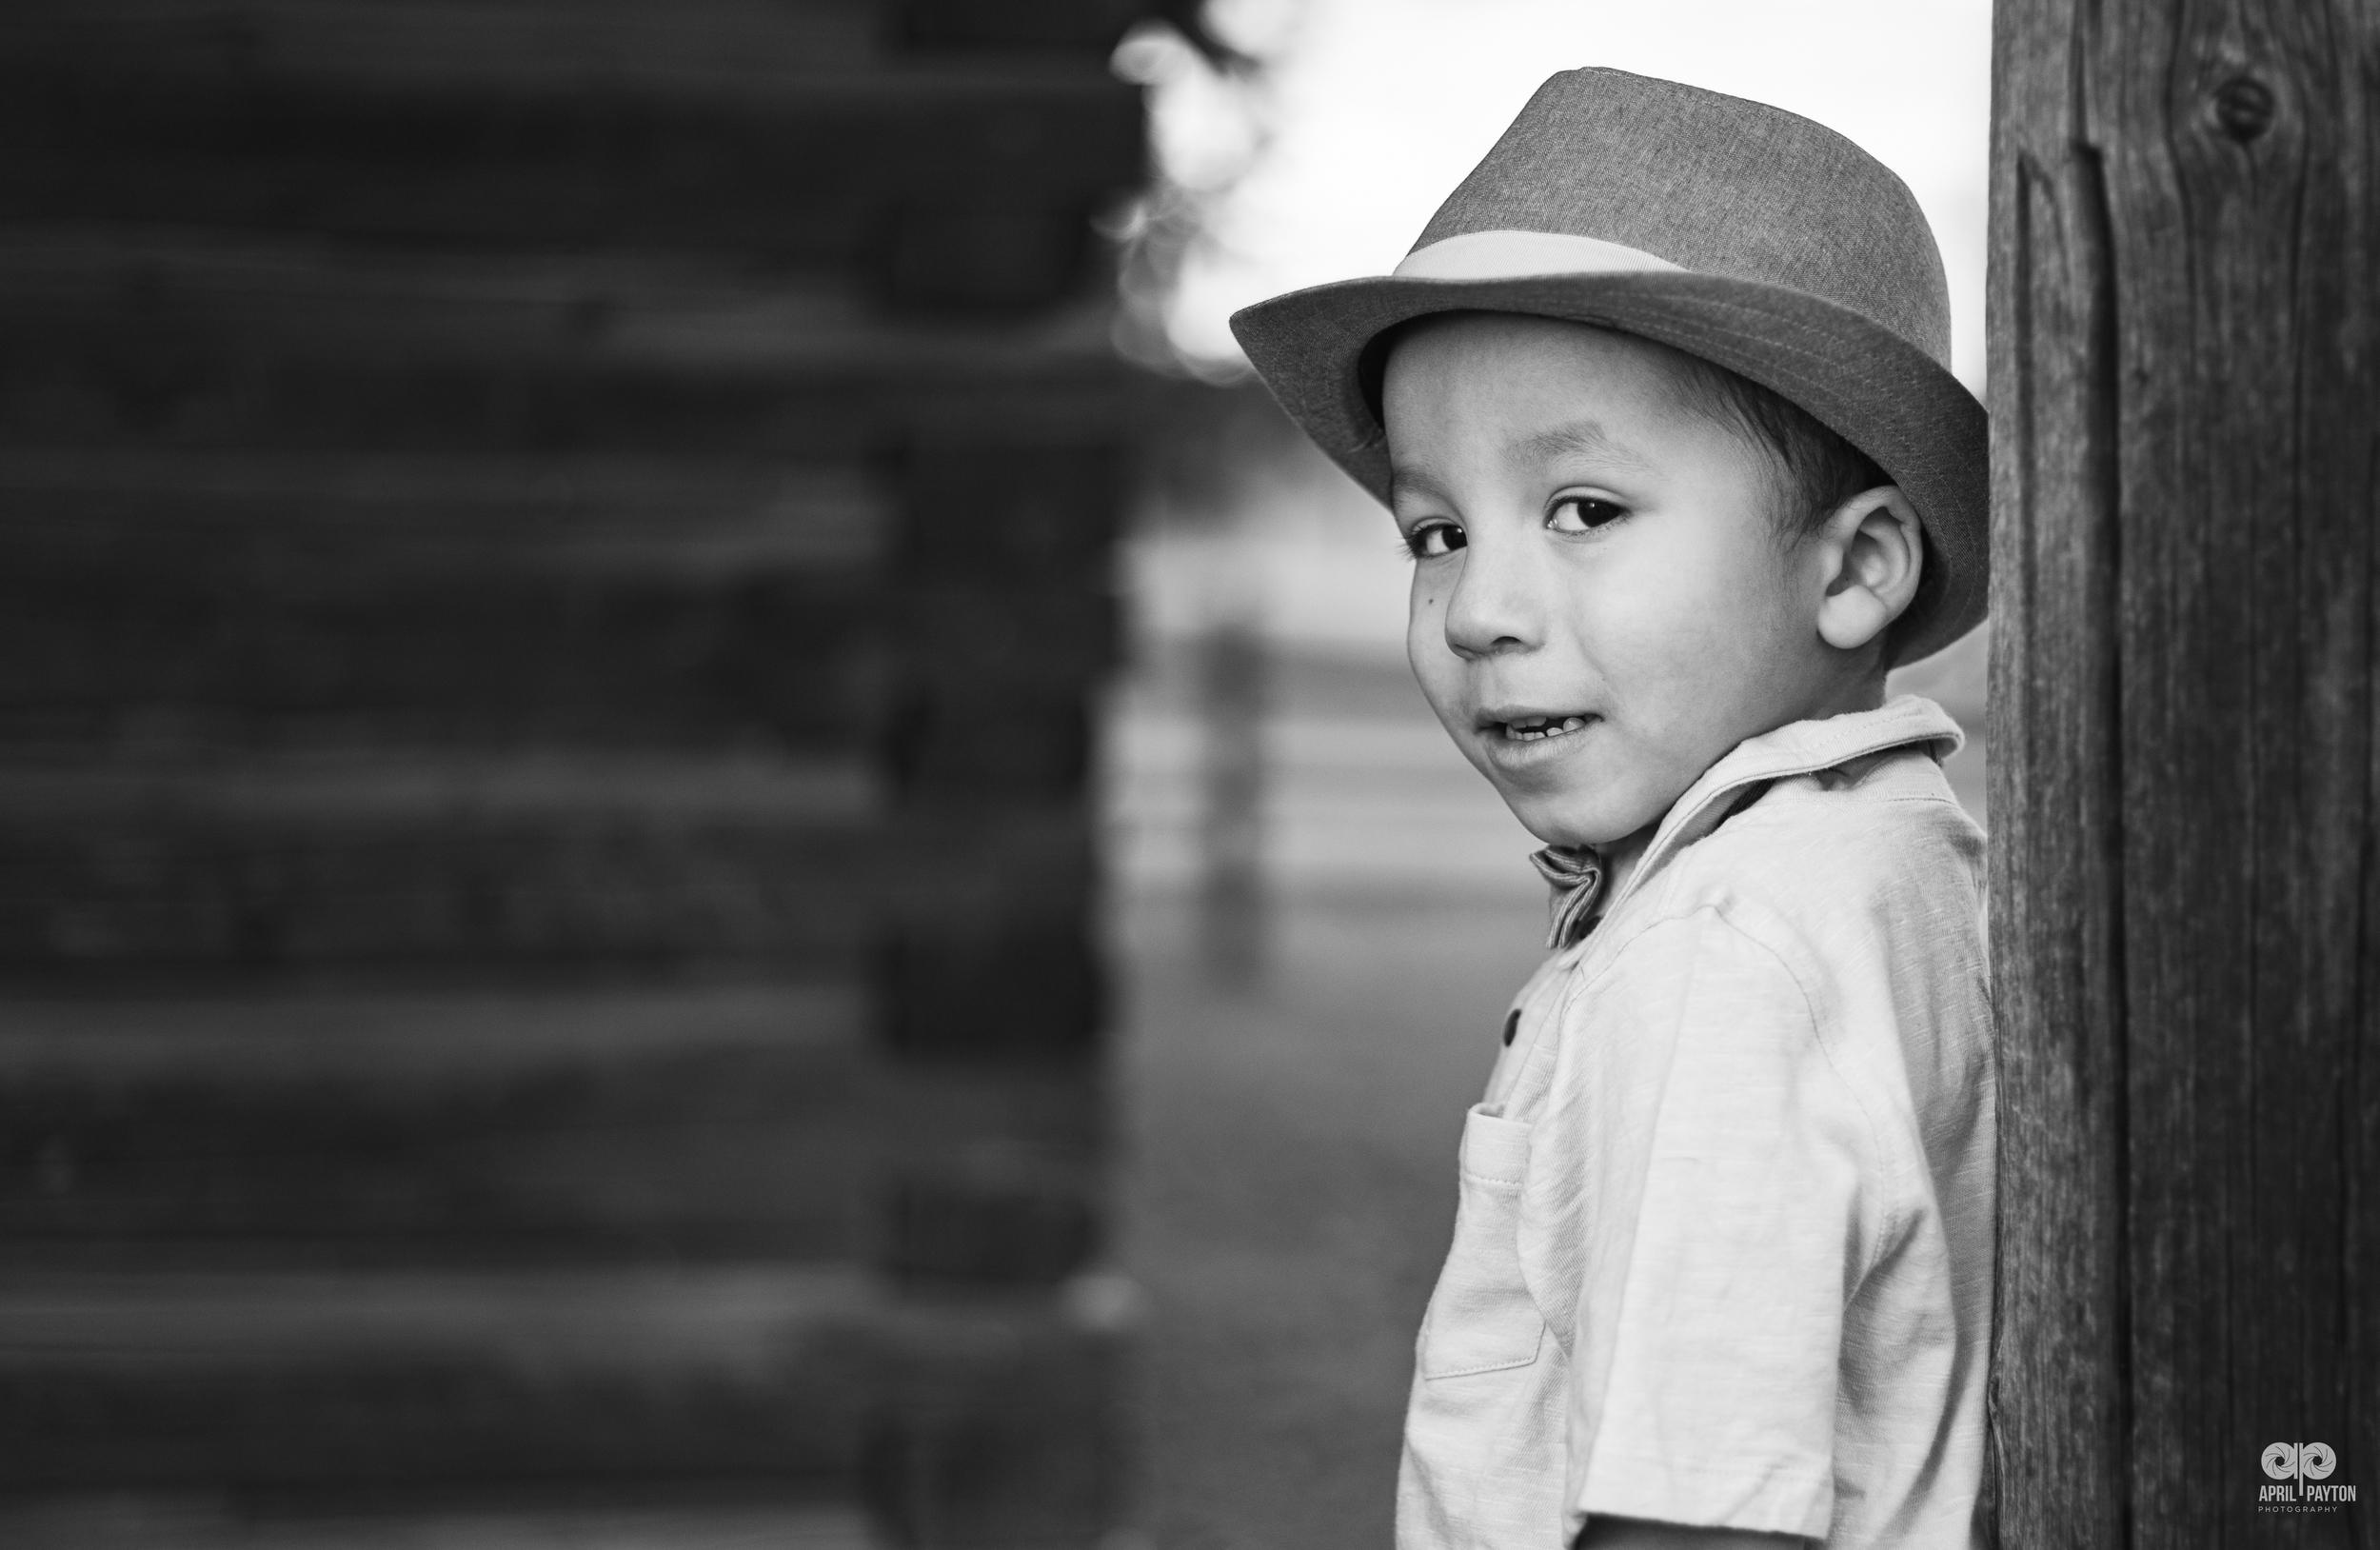 missoula-family-photographer-kid.jpg